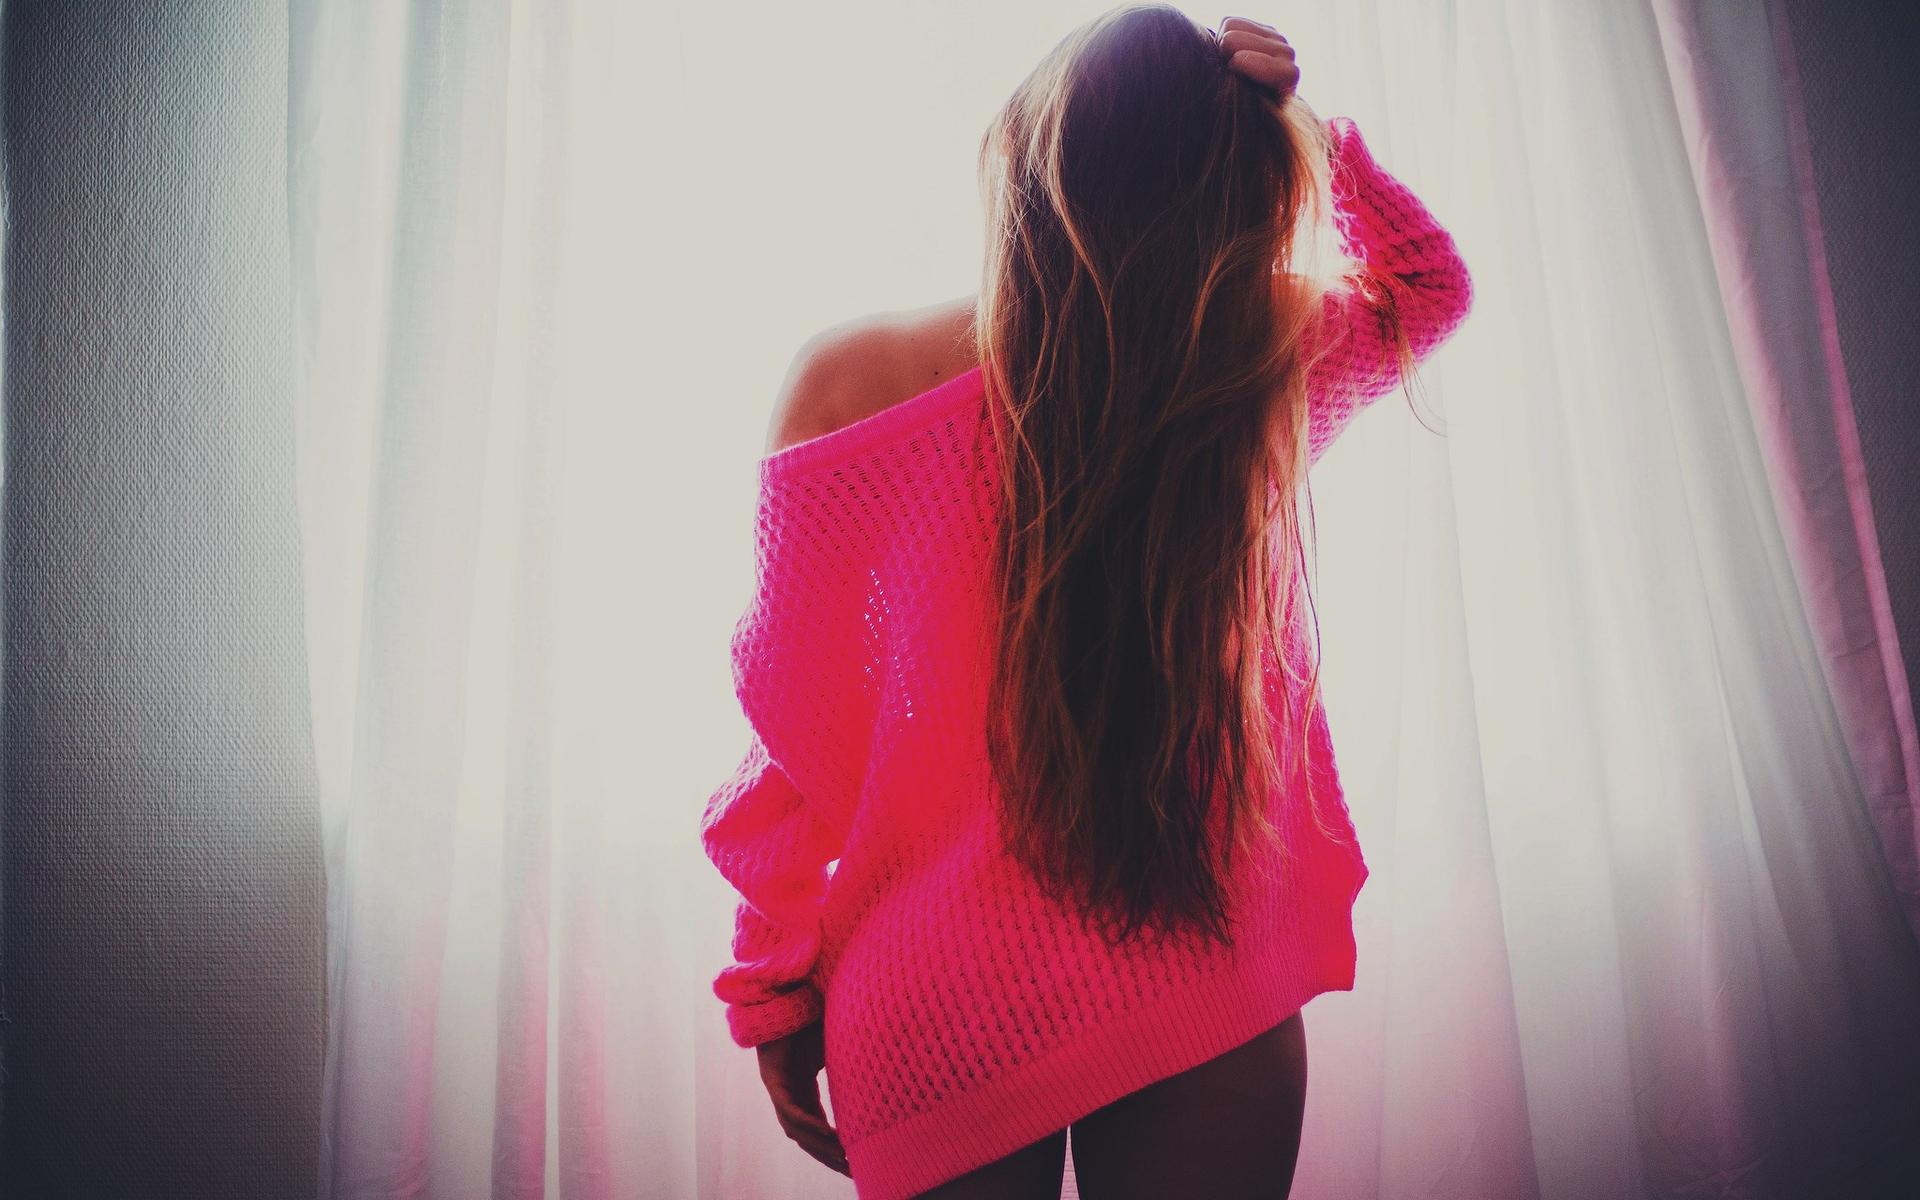 Фото брюнетки красивые с длинными волосами на аву в контакт